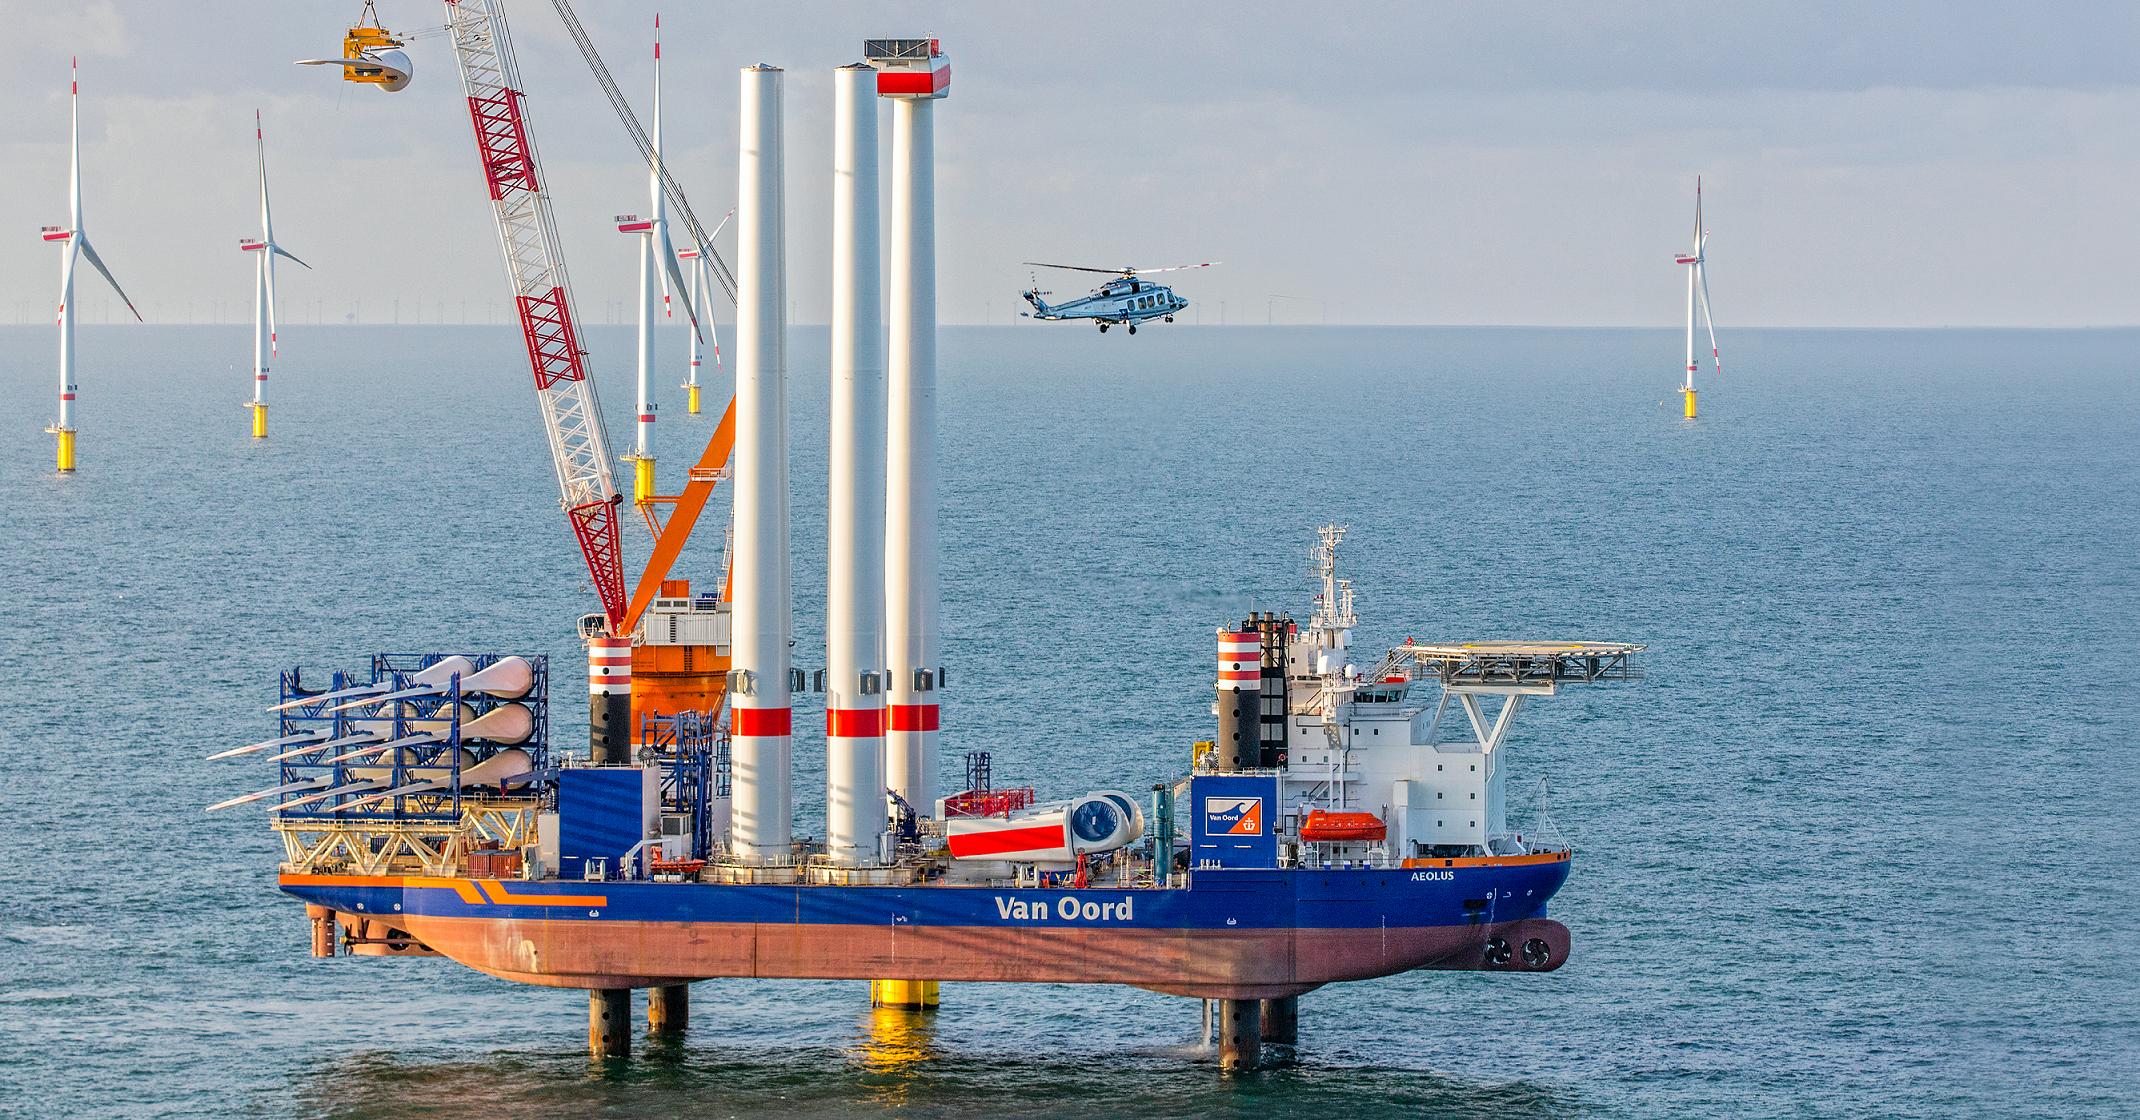 DHSS gaat helikoptervluchten verzorgen voor Borssele III & IV